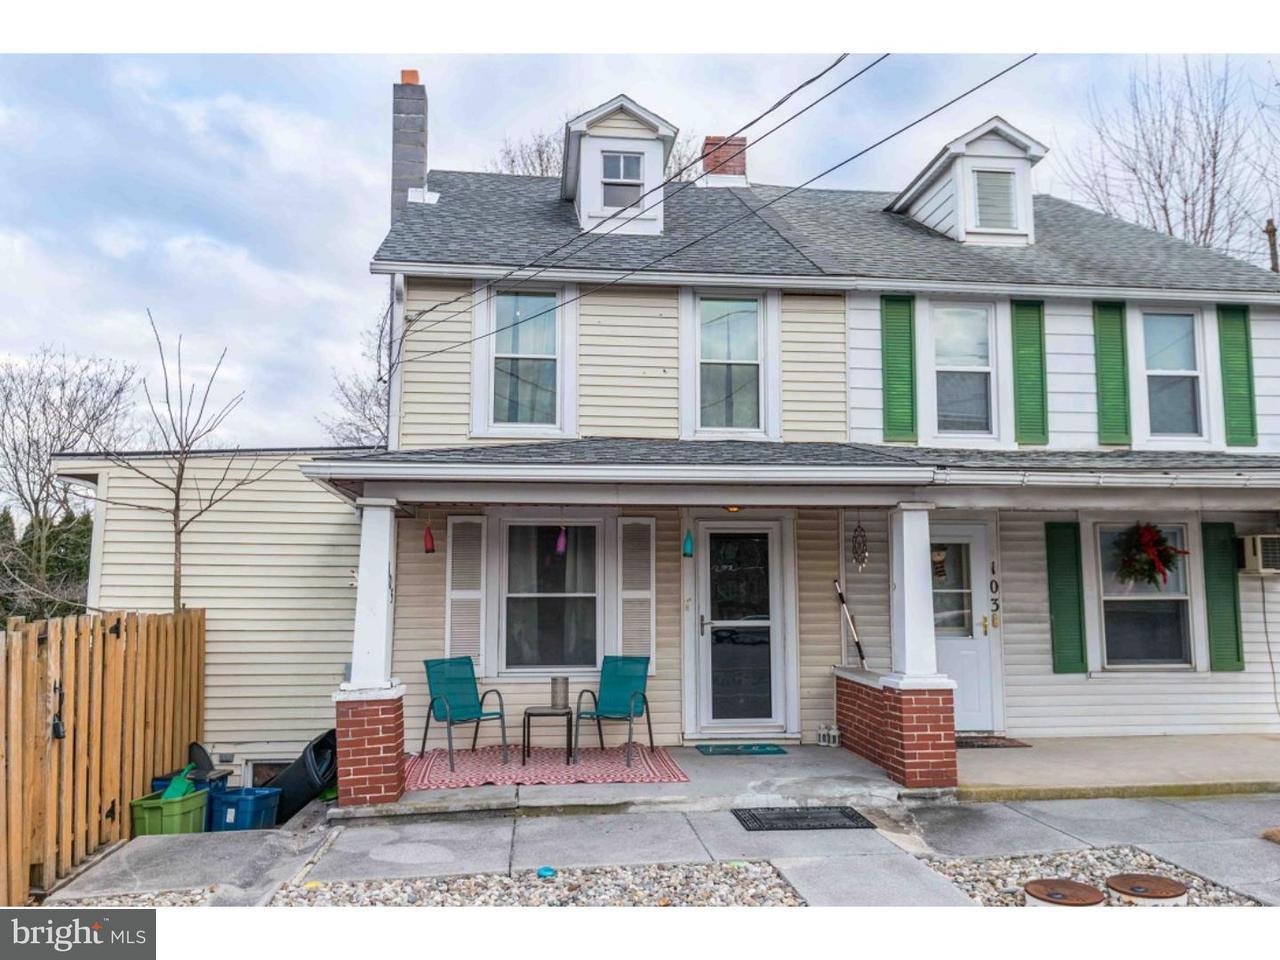 Casa unifamiliar adosada (Townhouse) por un Venta en 105 N FREEMAN Street Robesonia, Pennsylvania 19551 Estados Unidos